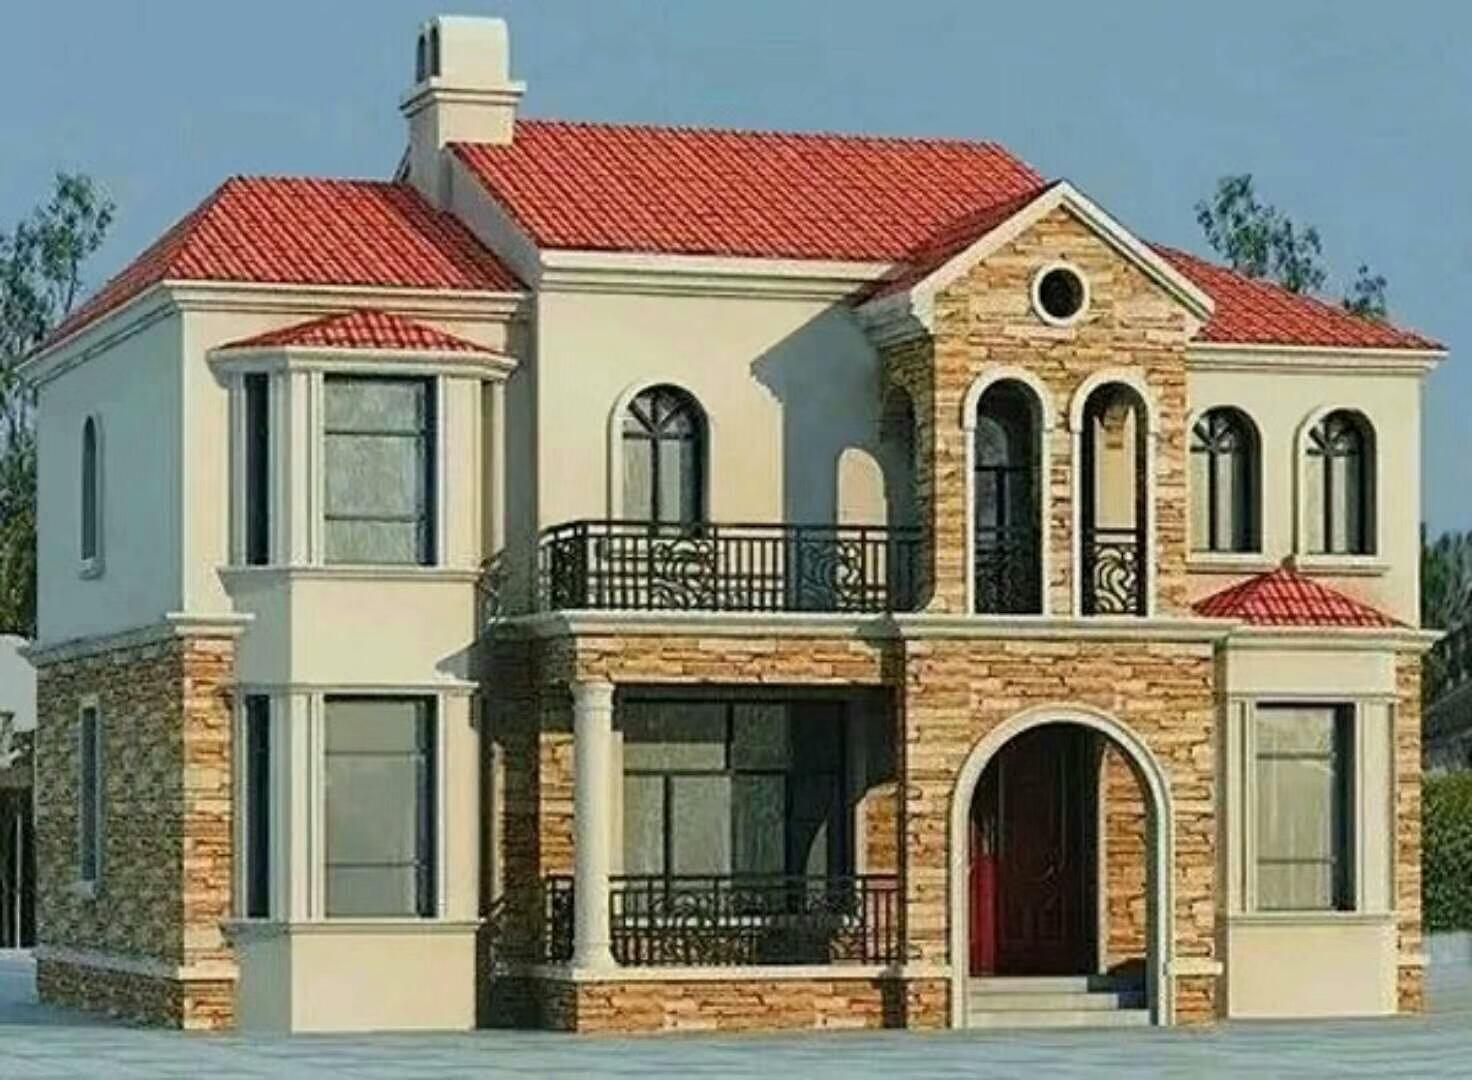 上千套农村小别墅设计图供您挑选,农村自建房屋必看